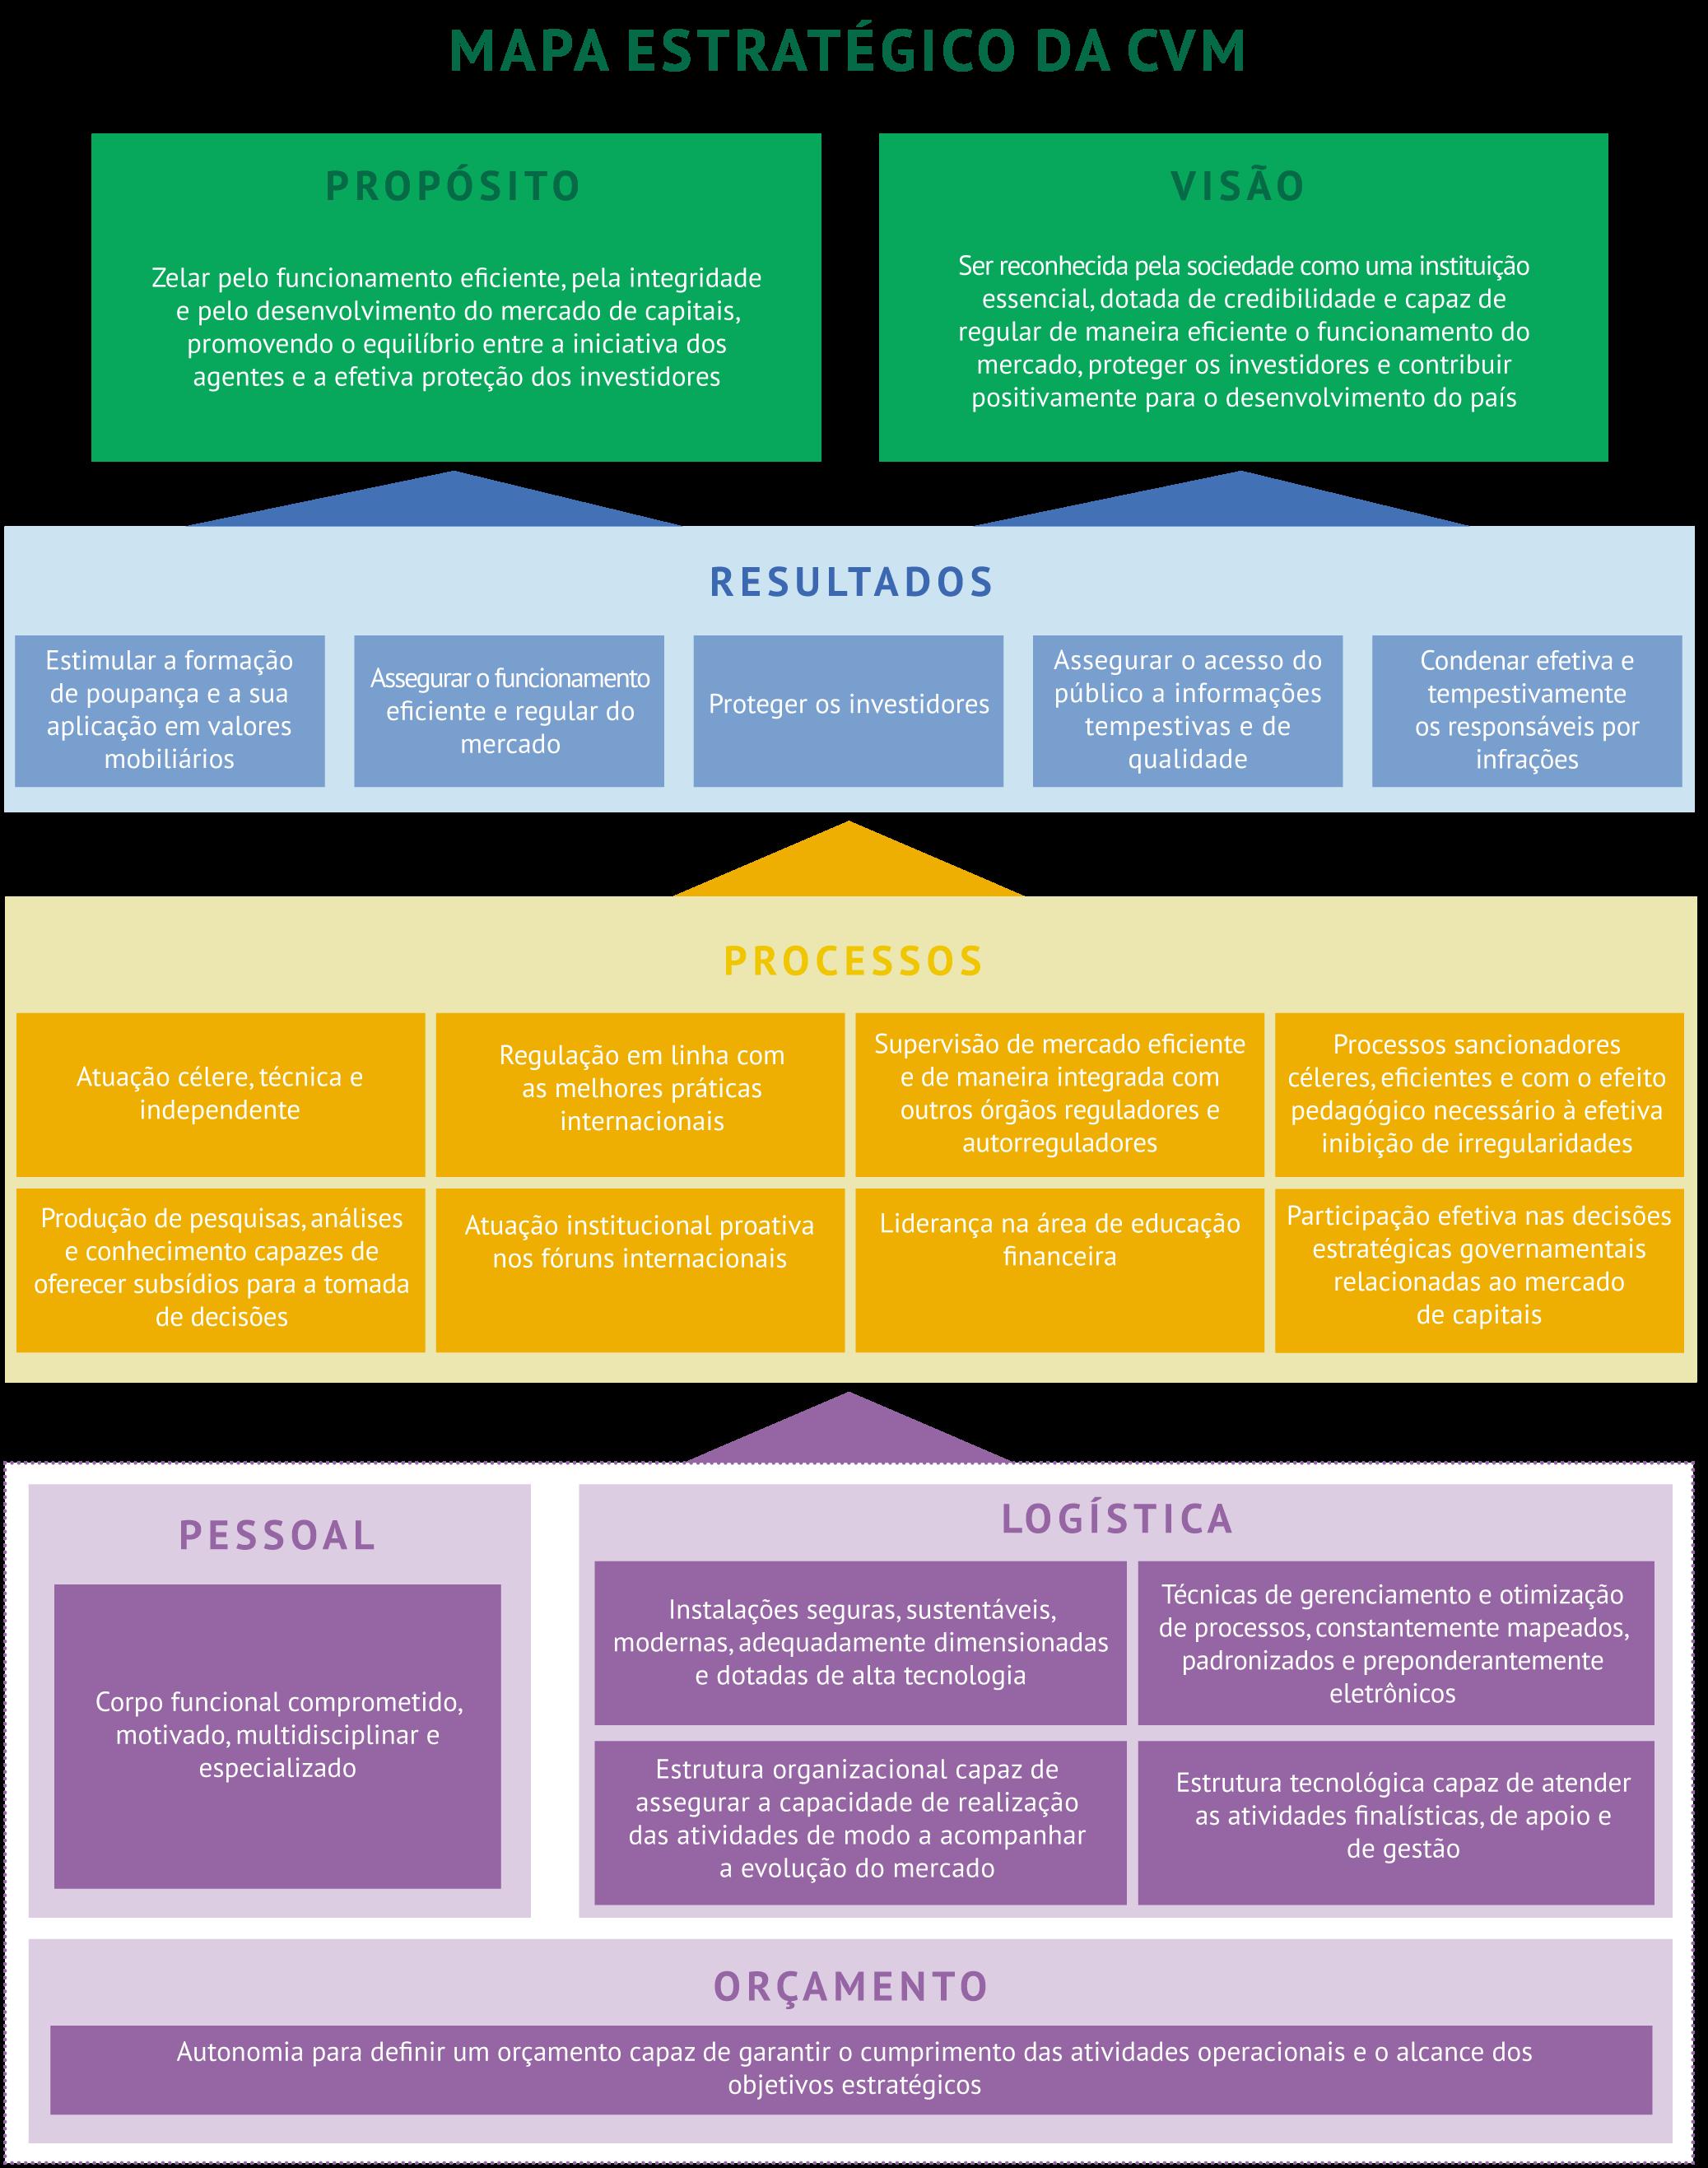 mapa estratégico da CVM